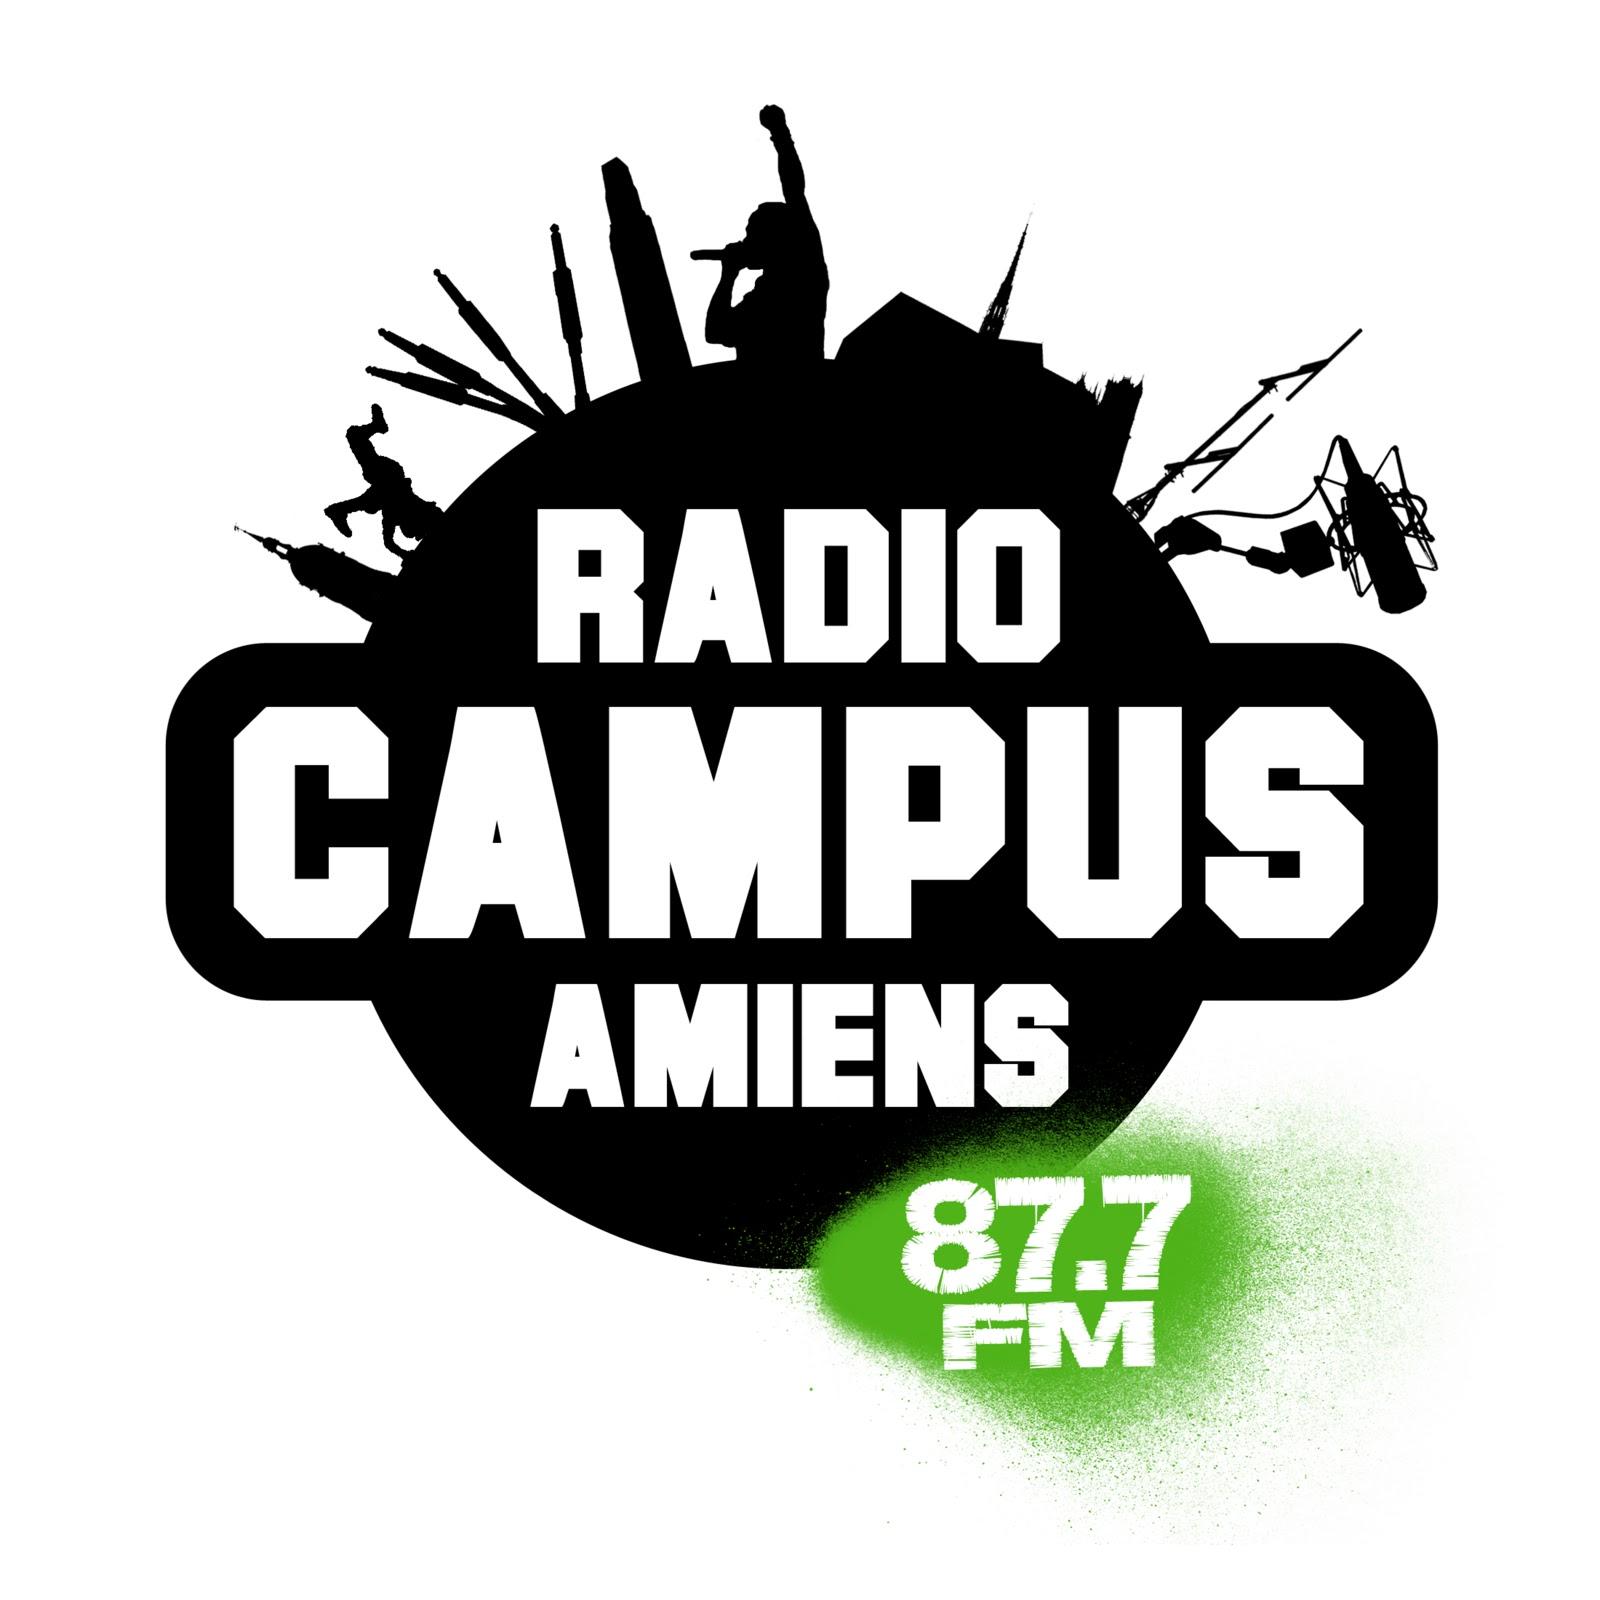 radio campus amiens en direct ecoutez la radio en ligne. Black Bedroom Furniture Sets. Home Design Ideas